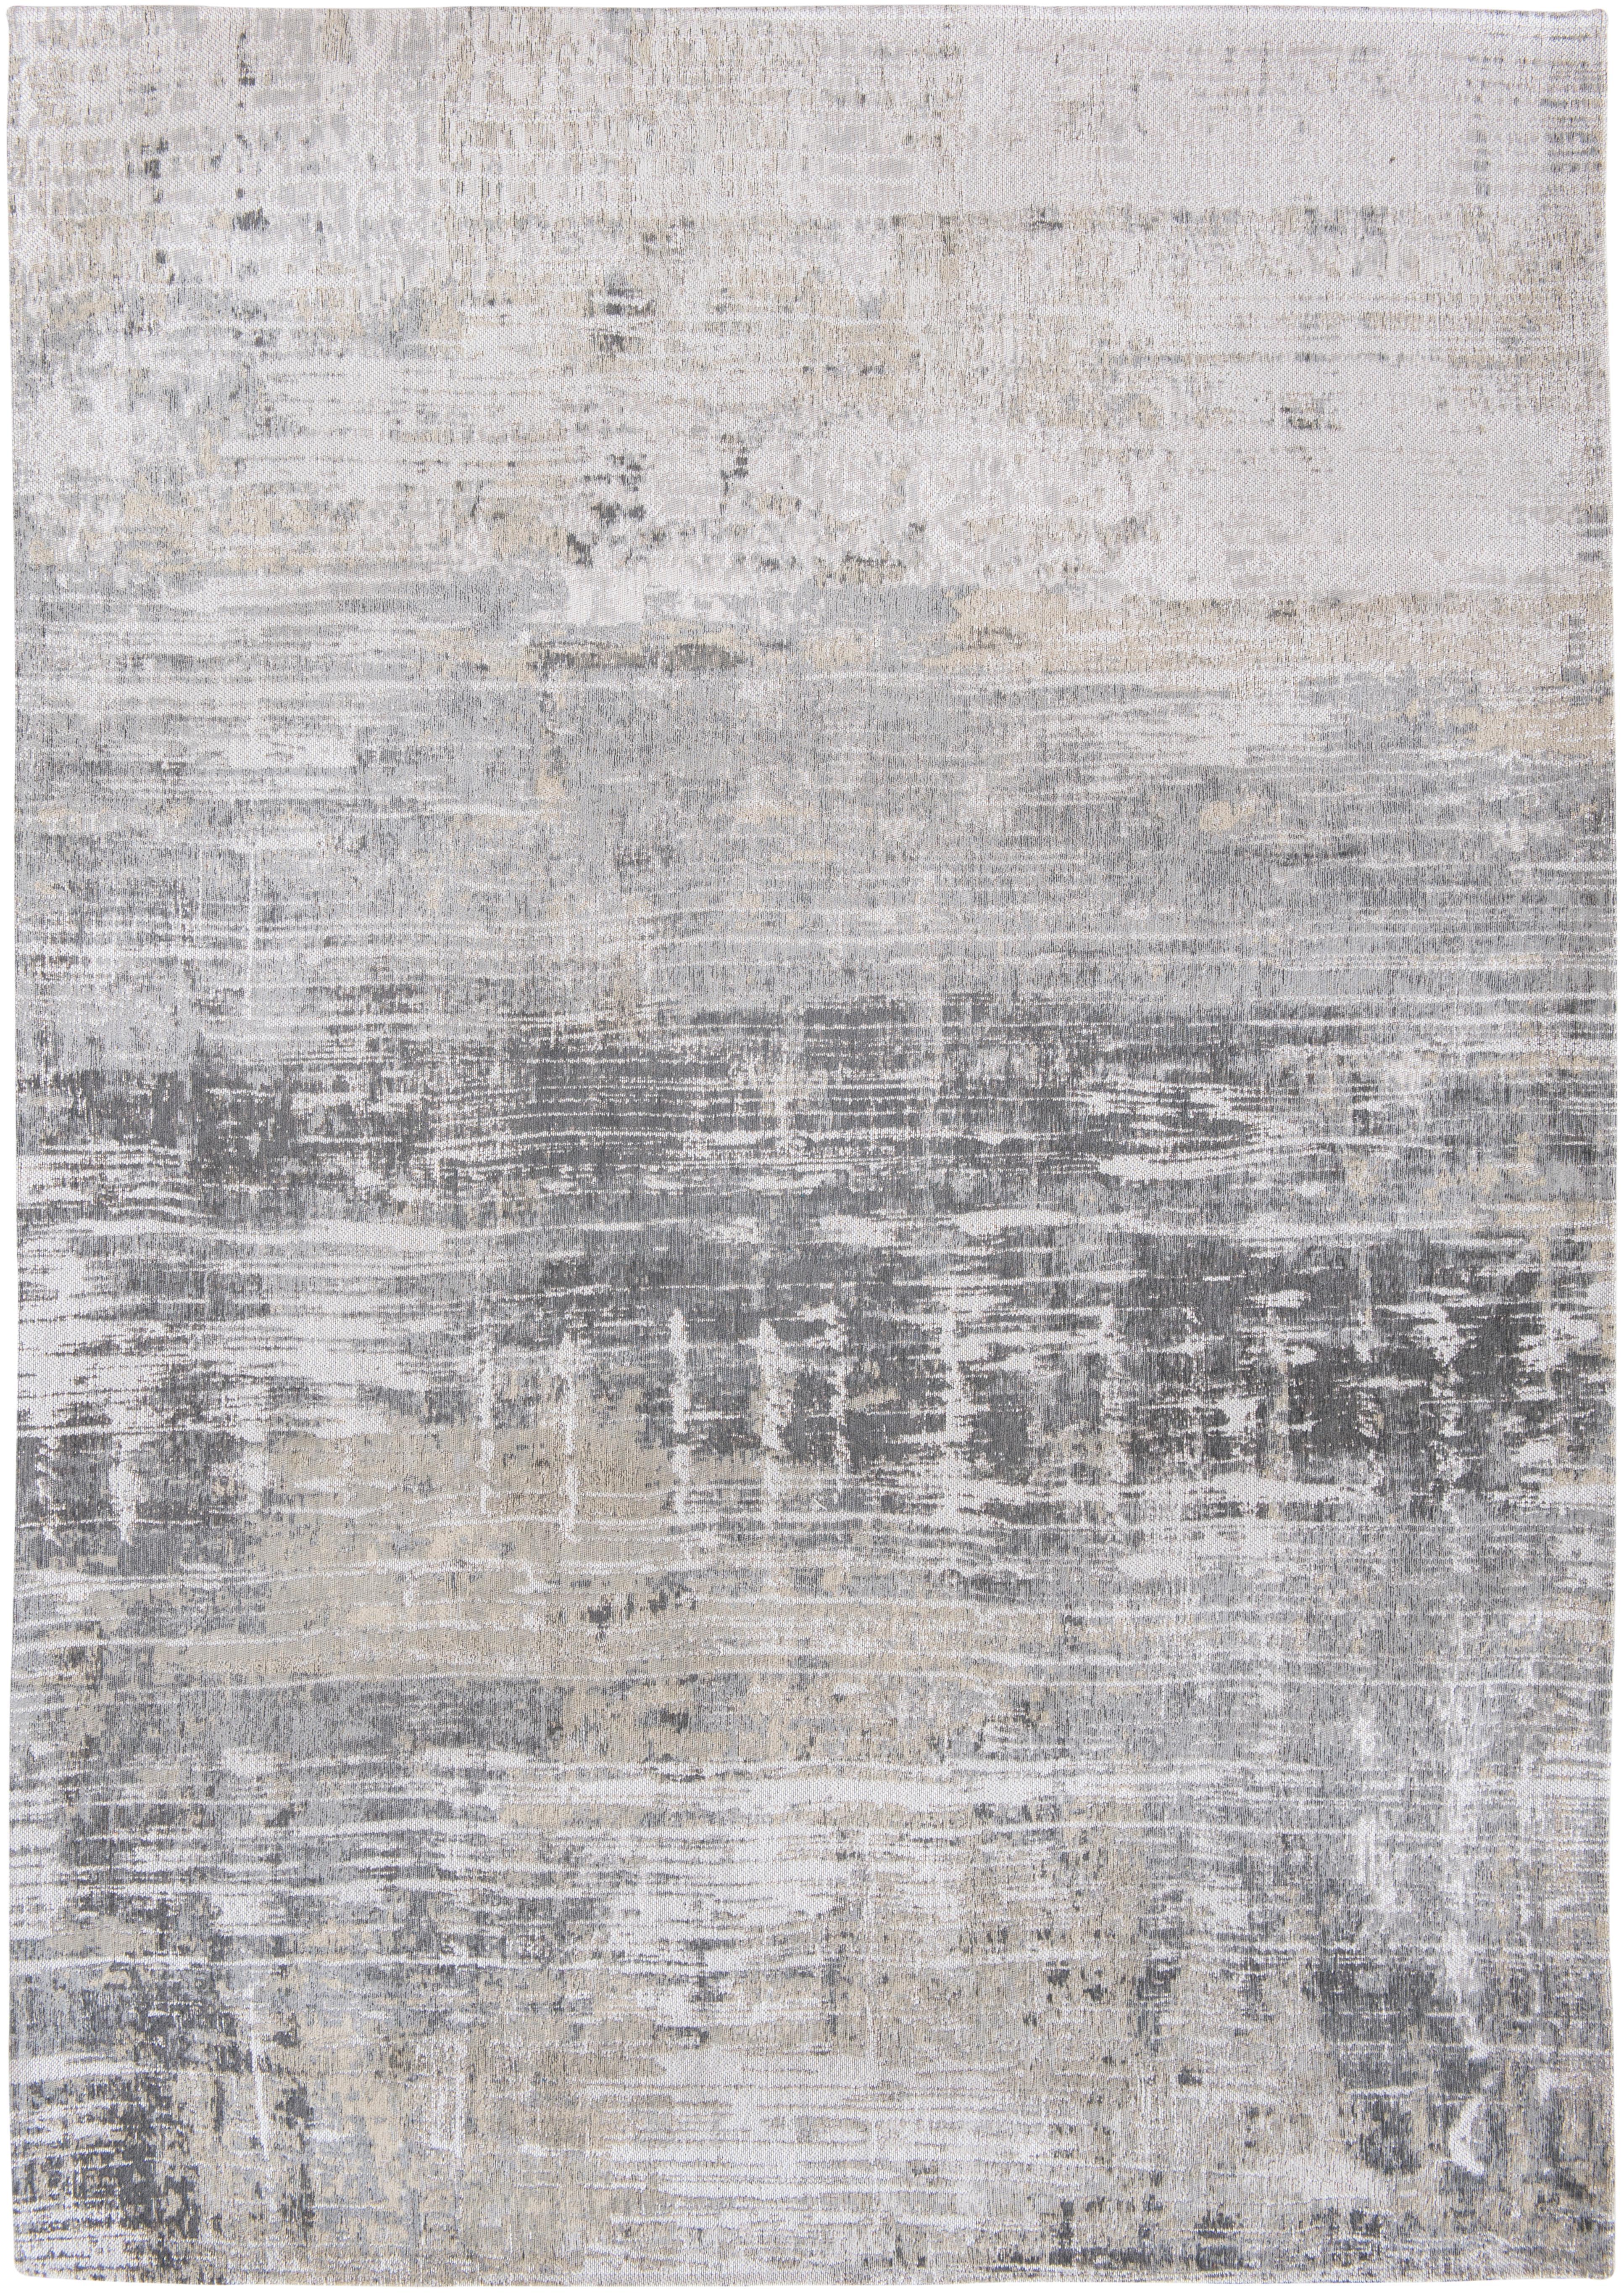 Tappeto di design grigio Streaks, Tessuto: Jacquard, Retro: Miscela di cotone, rivest, Tonalità grigie, Larg.170 x Lung. 240 cm  (taglia M)